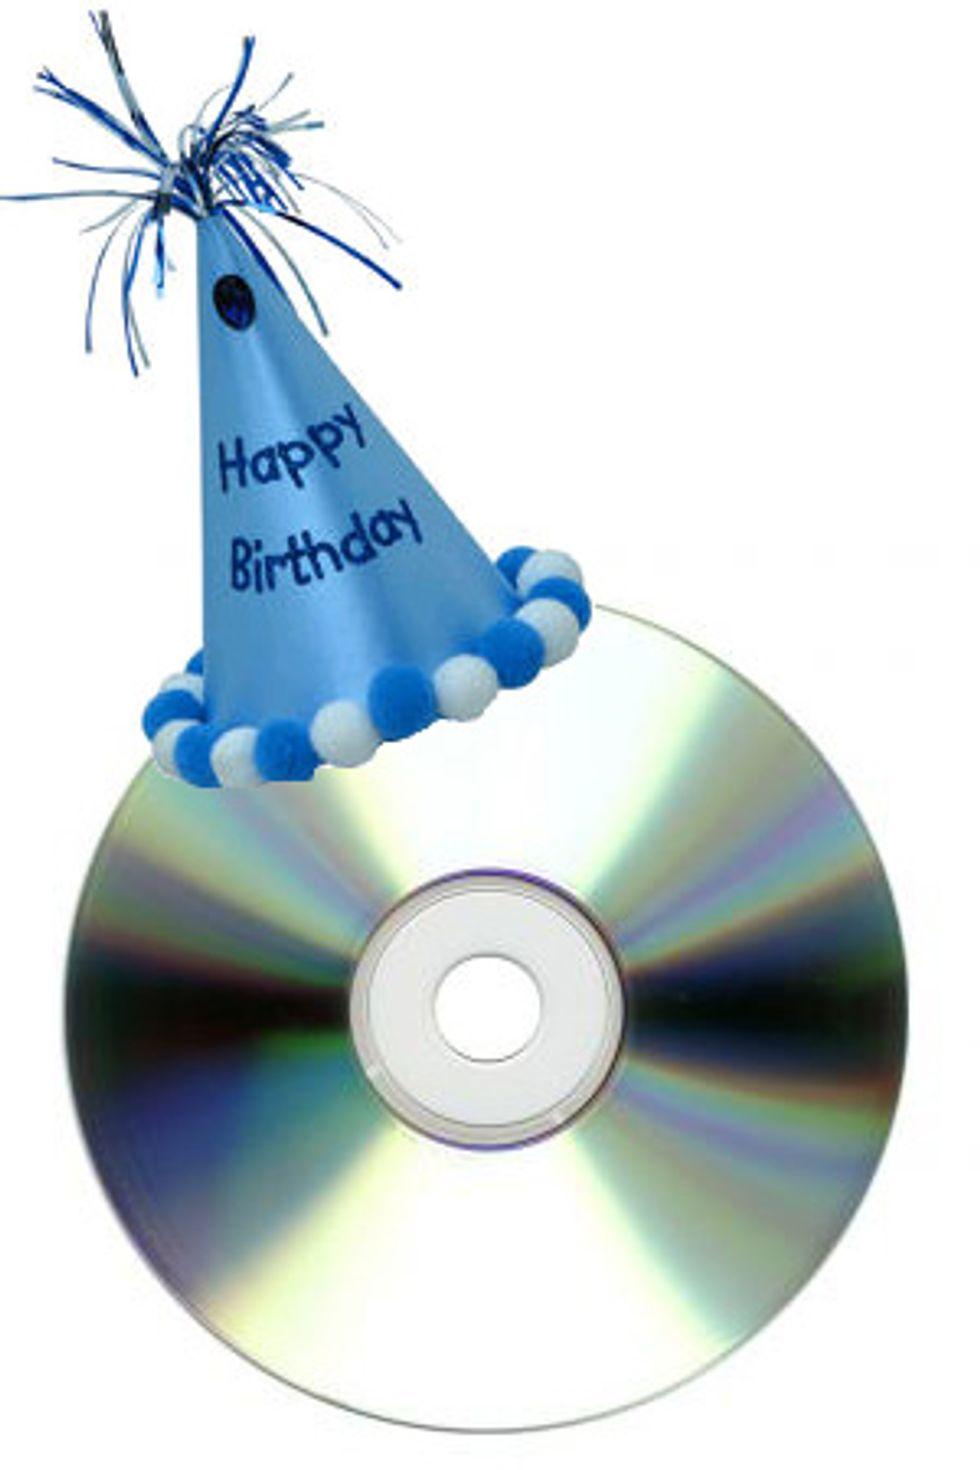 Happy Birthday CD!